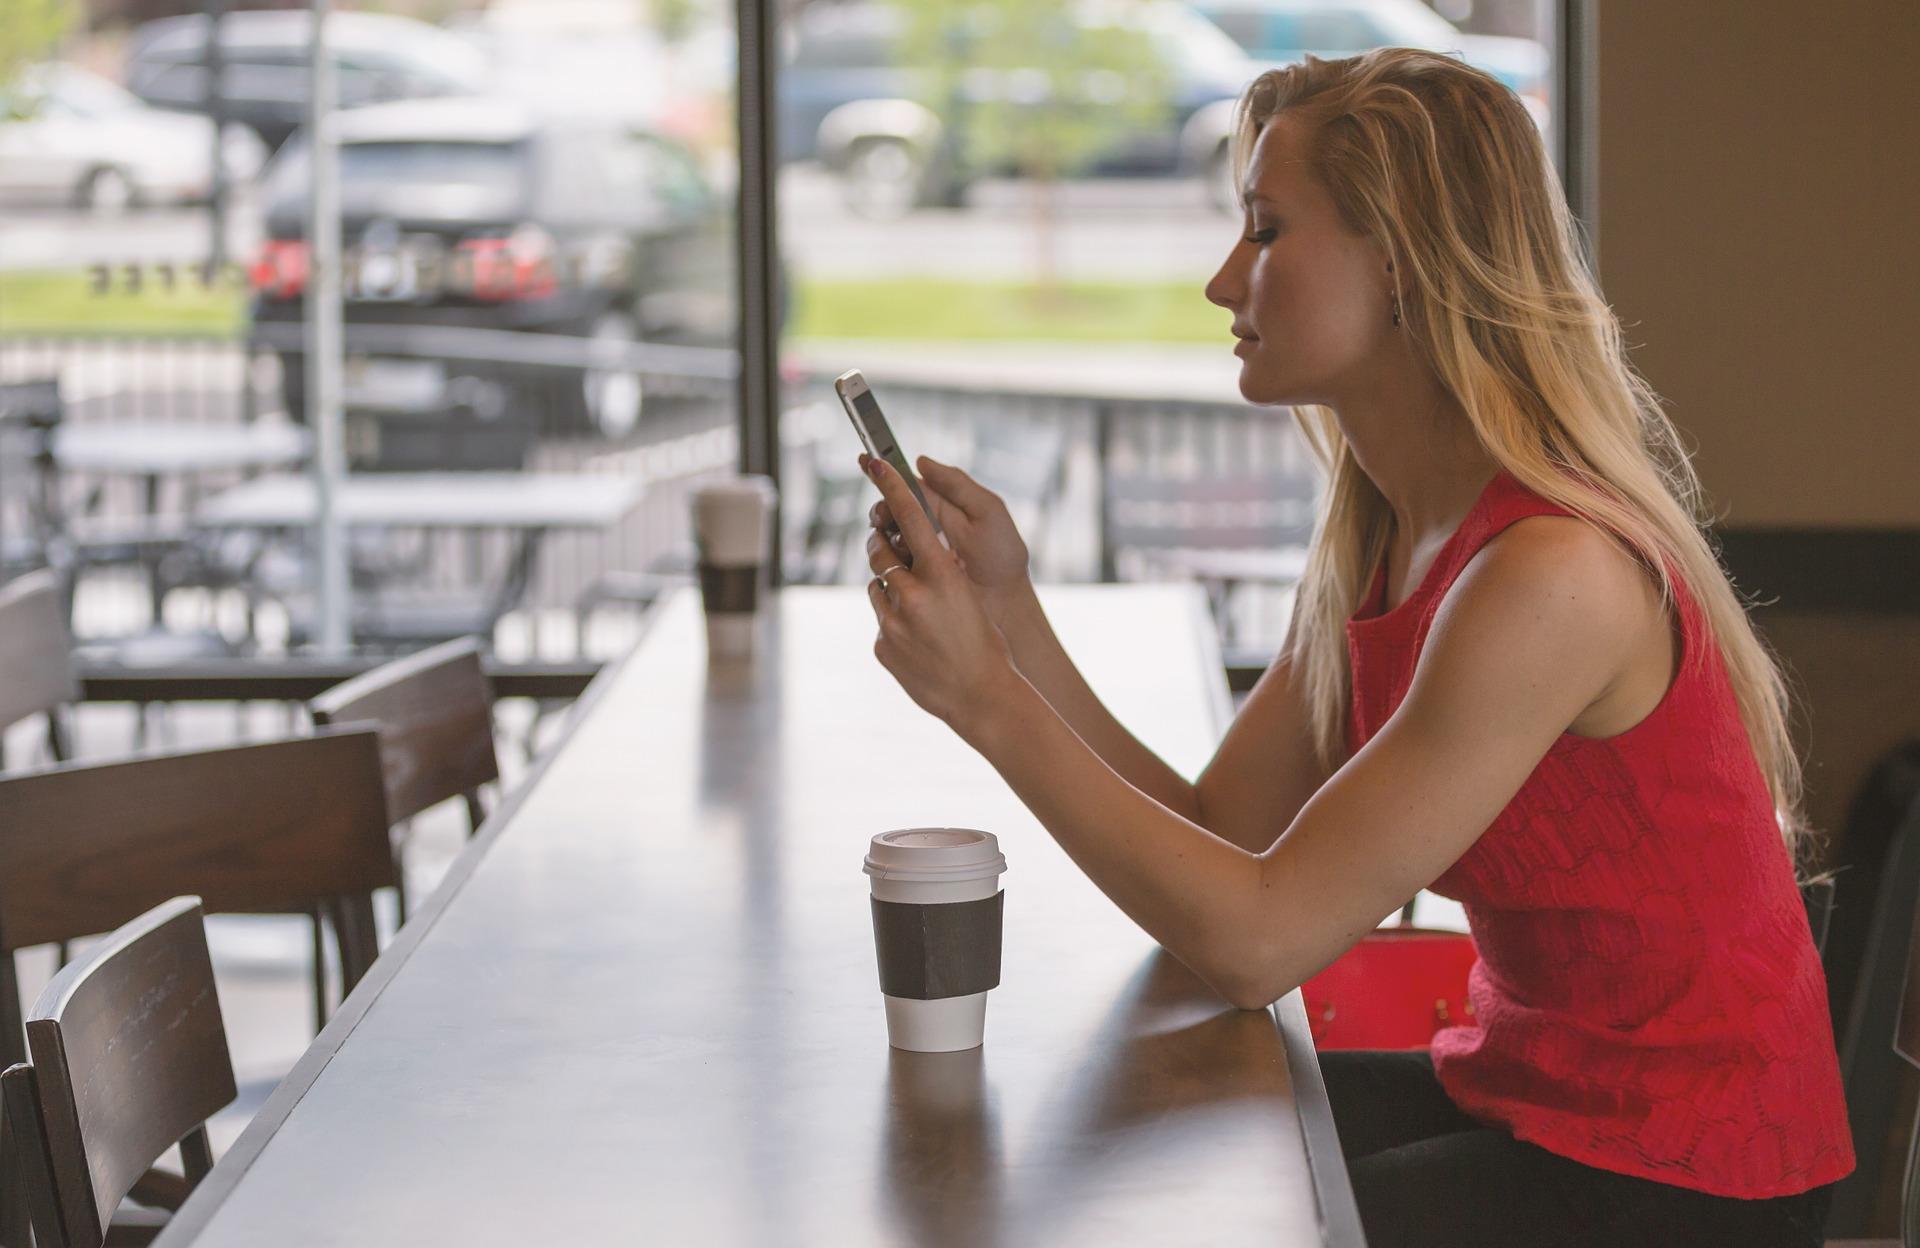 Blir vi mindre ensomme av å stupe inn i mobiltelefonen?